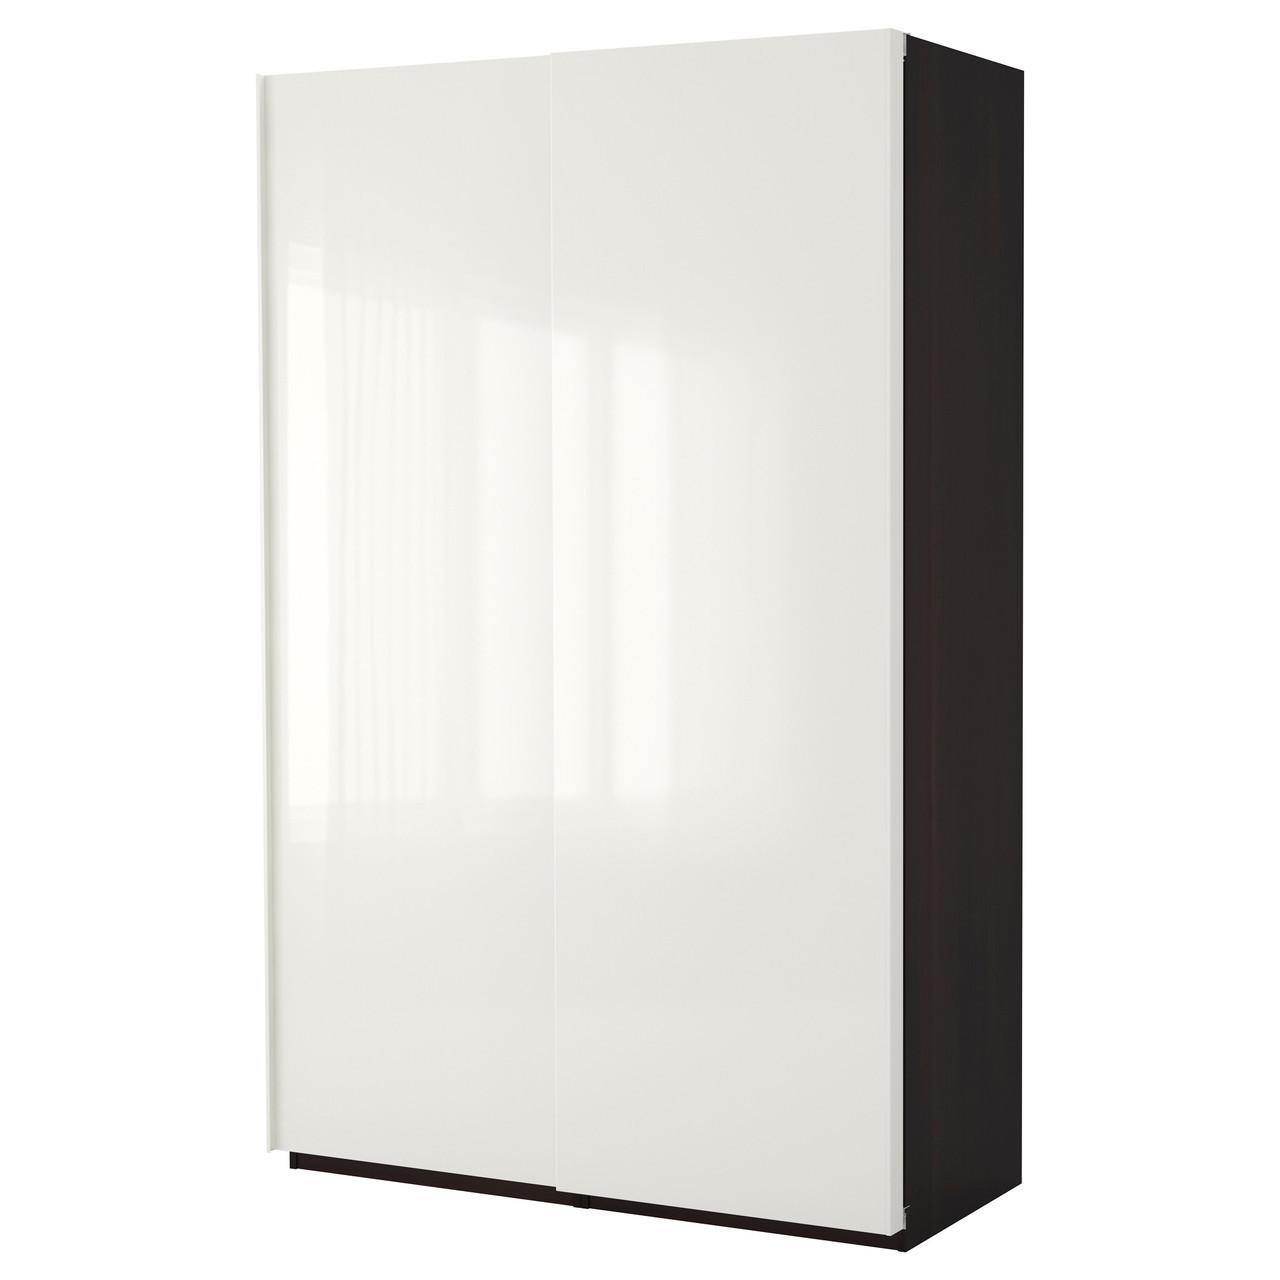 Шкаф IKEA PAX Hasvik белый черно-коричневый 690.256.92